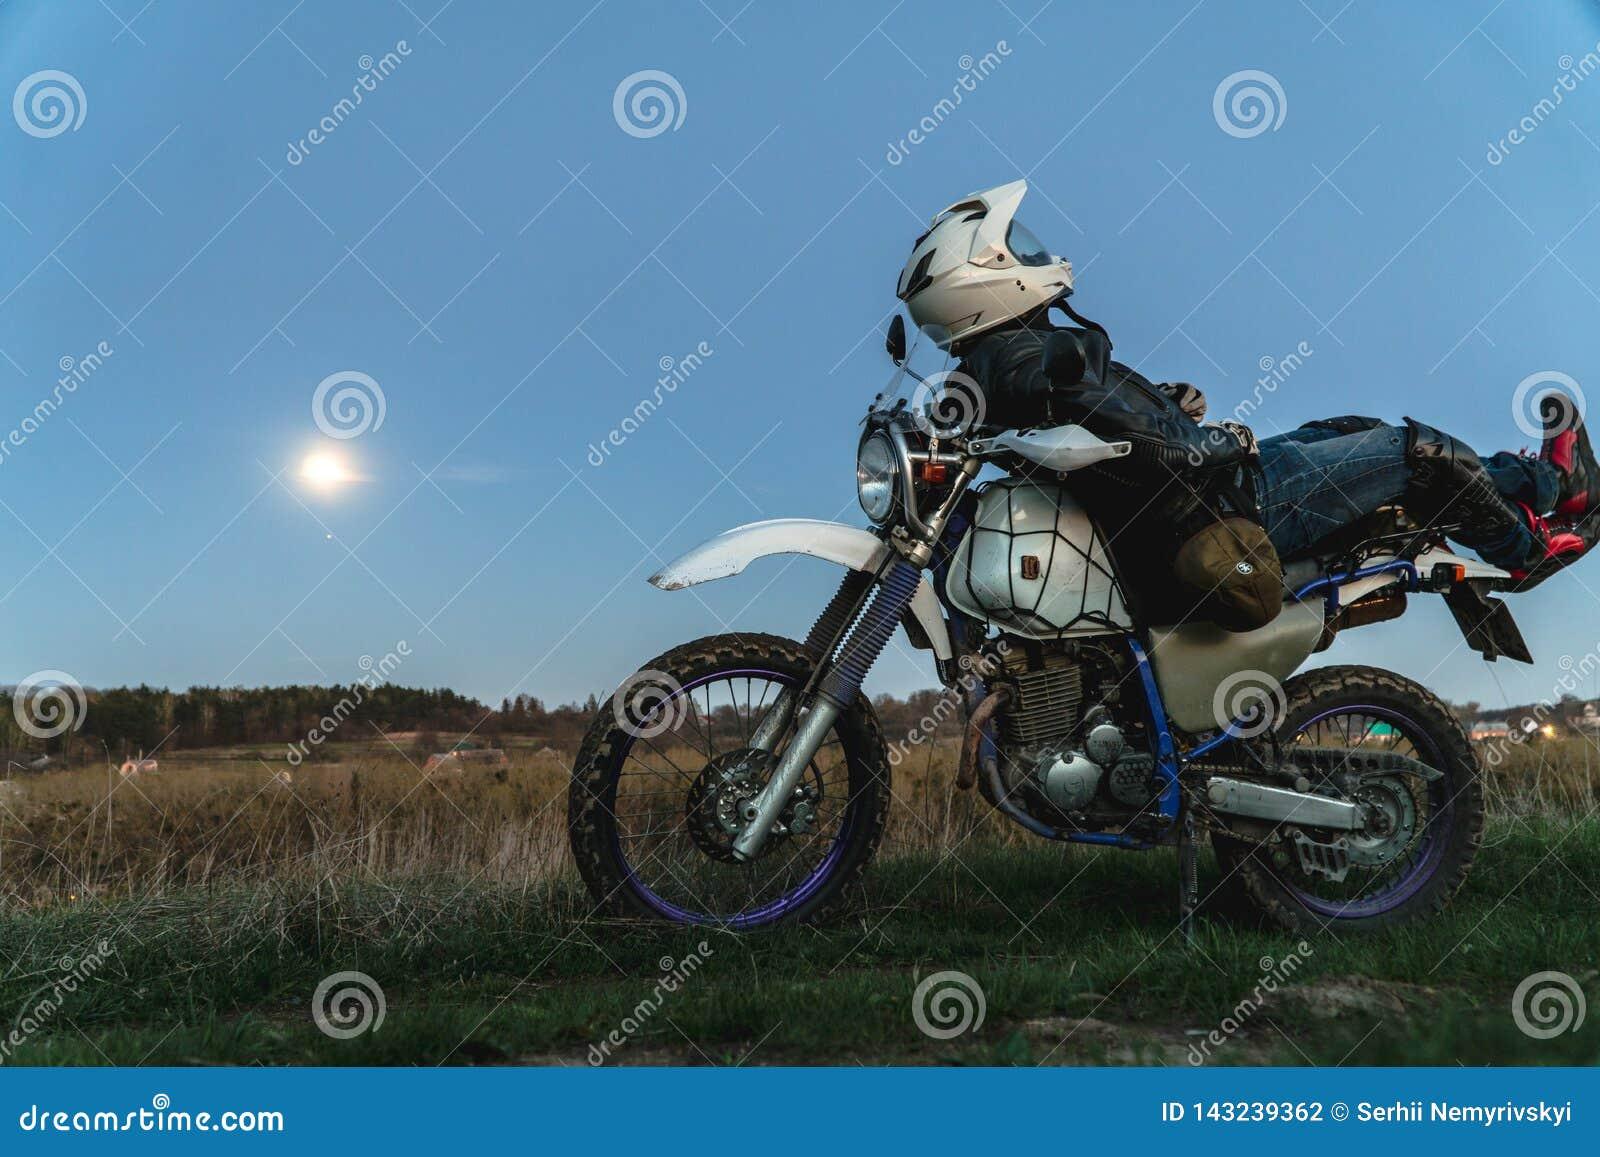 Активный образ жизни, мотоцикл enduro, парень смотрит звезды вечером и луну, единство с природой, духом приключений